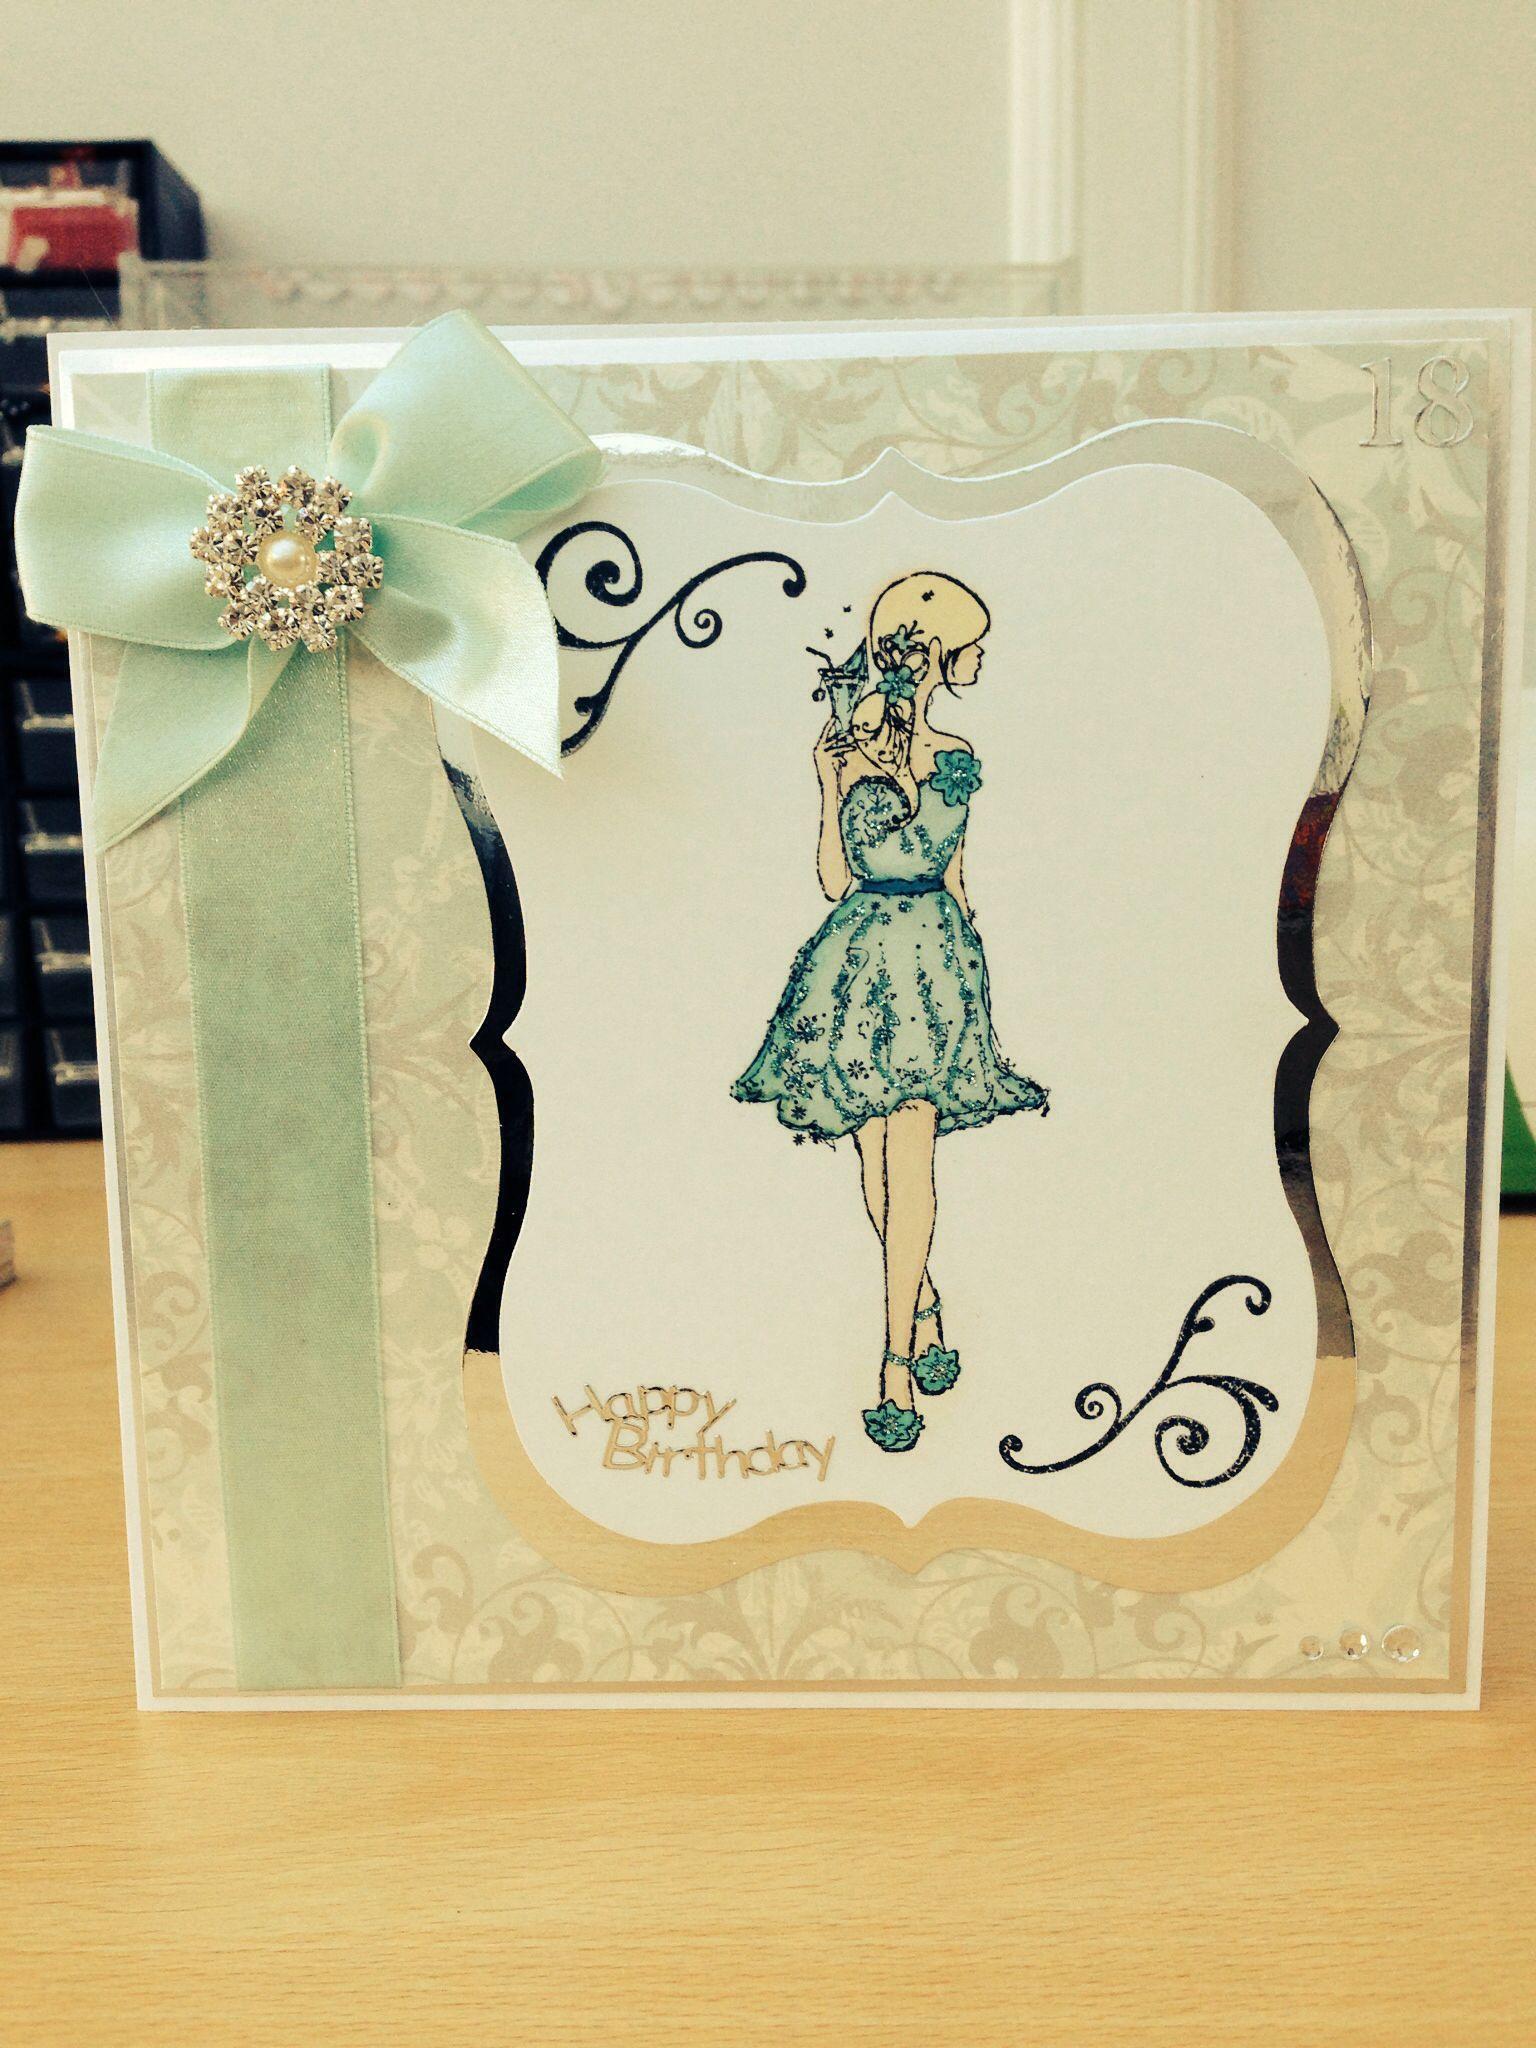 18th birthday card 18th birthday cards crafts birthday